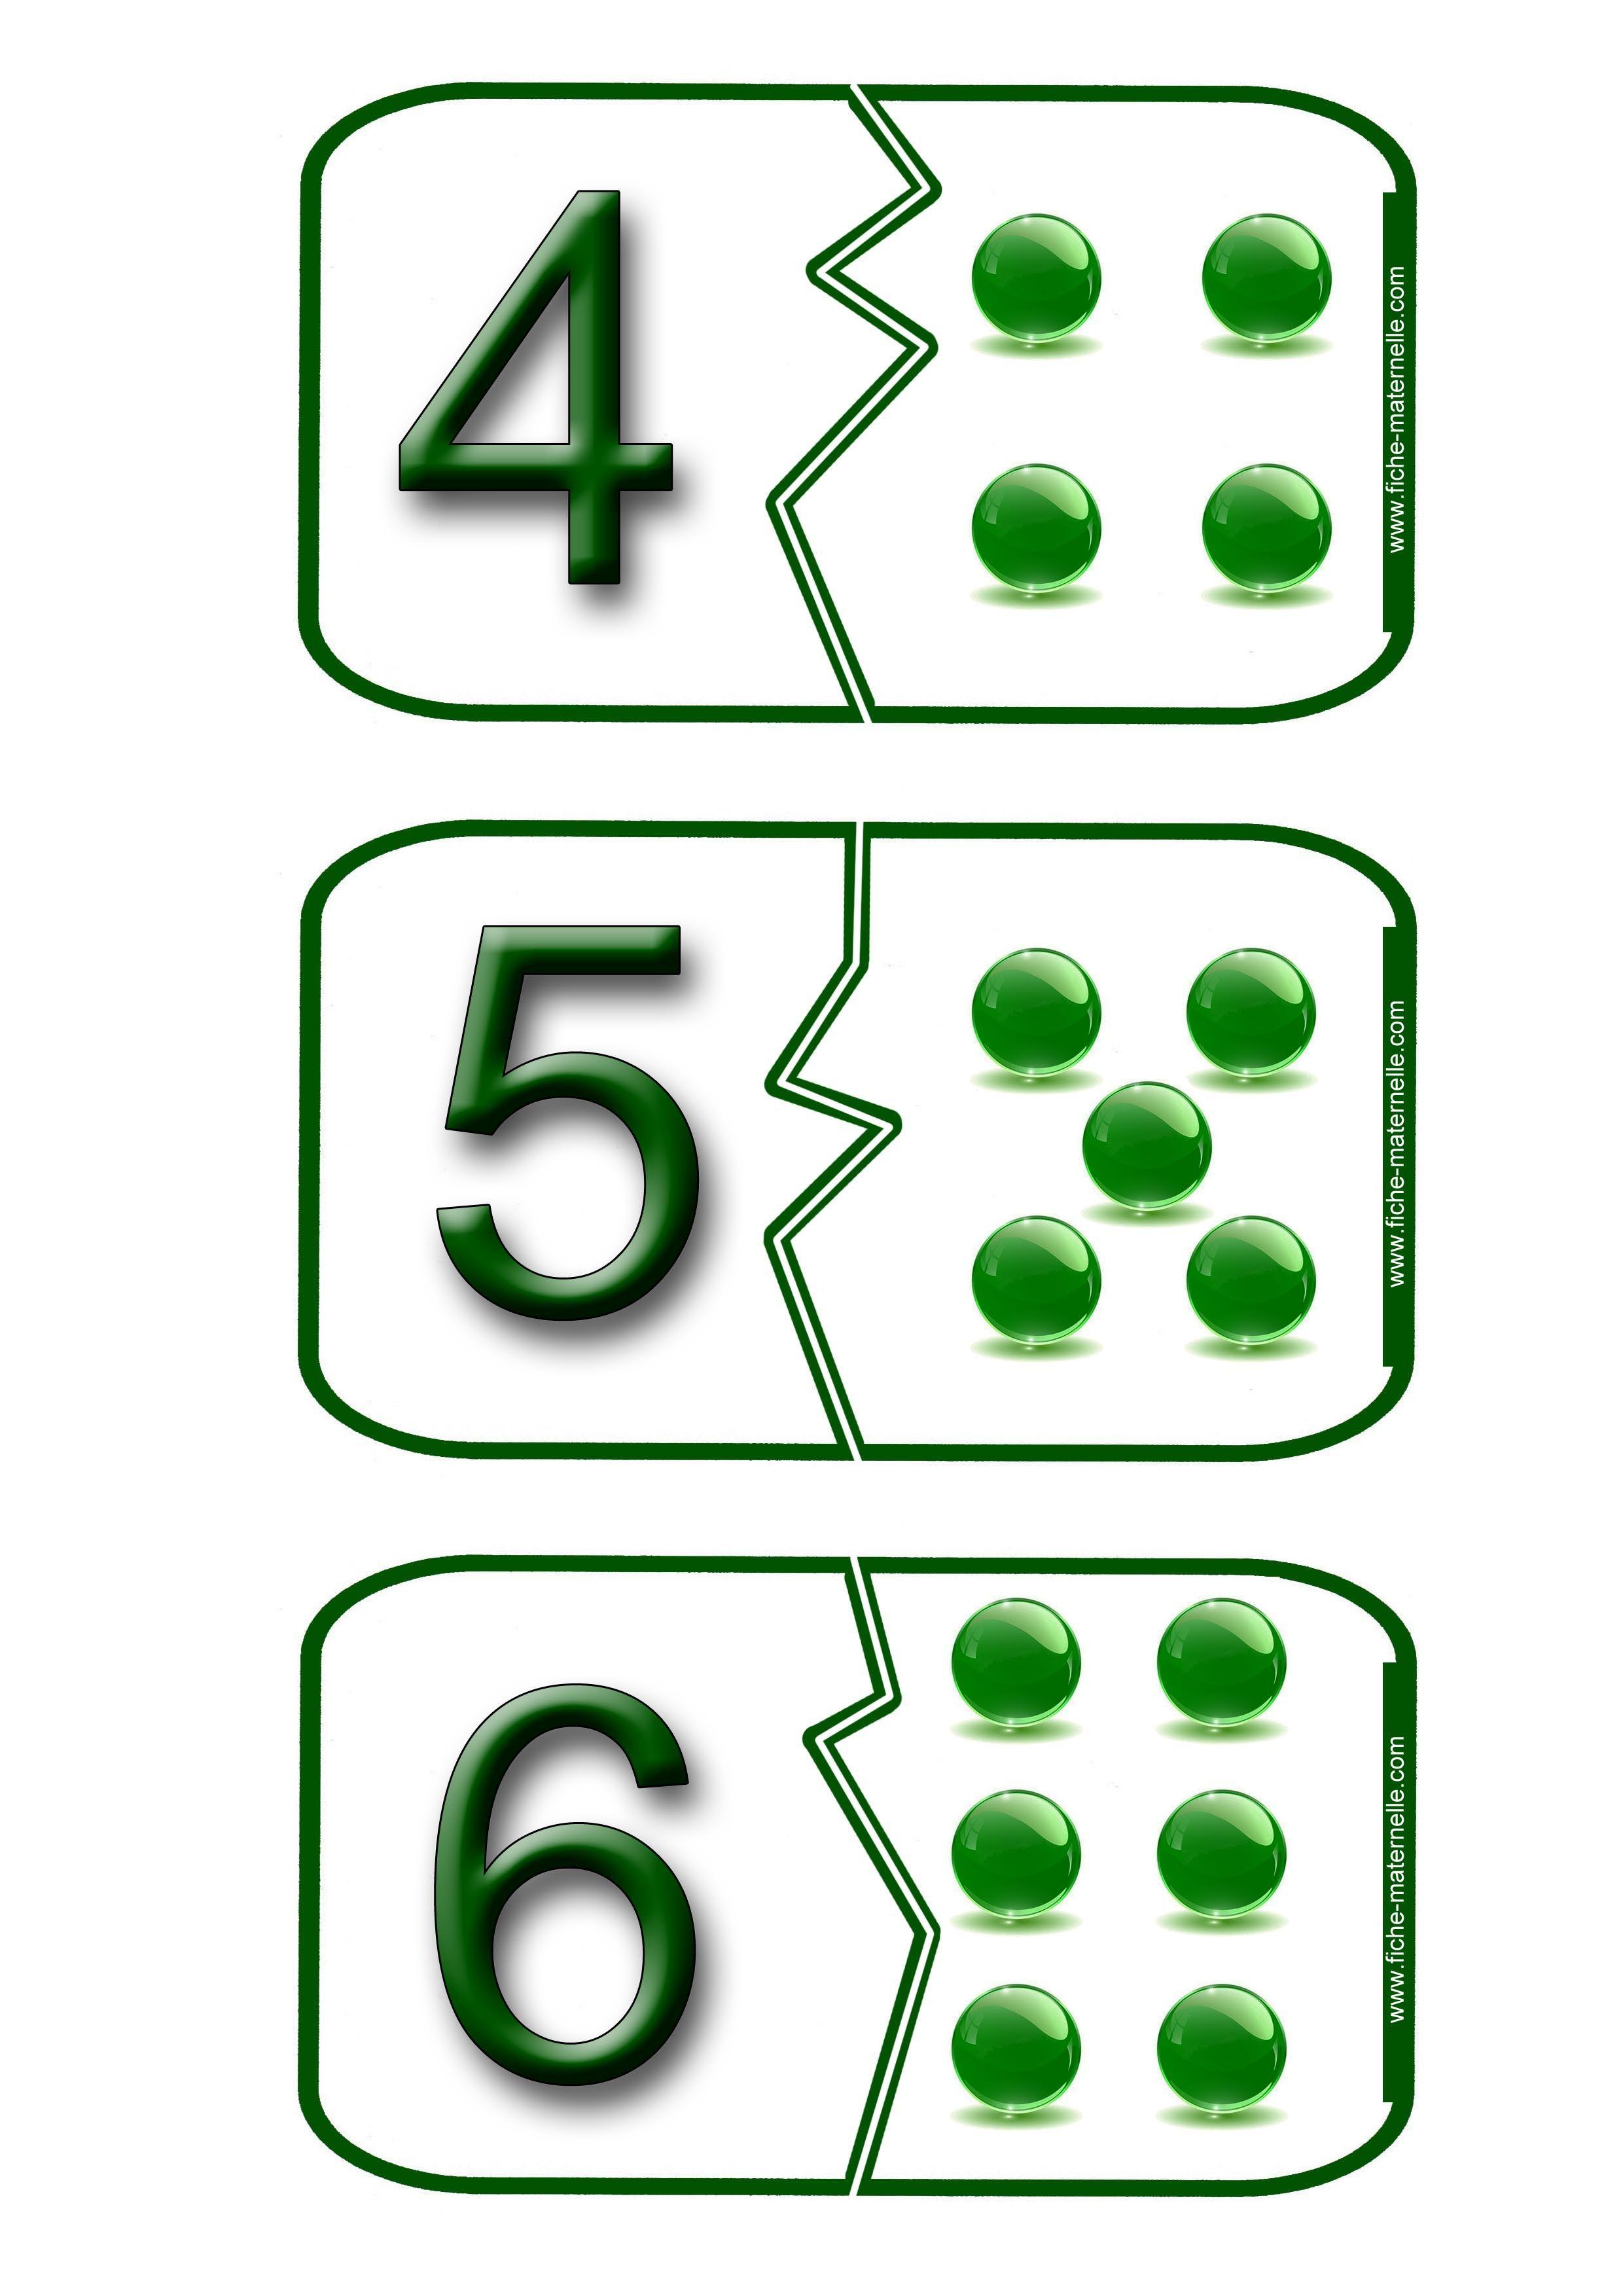 Jeux mathématiques en maternelle | Scuola - Matematica | Pinterest ...